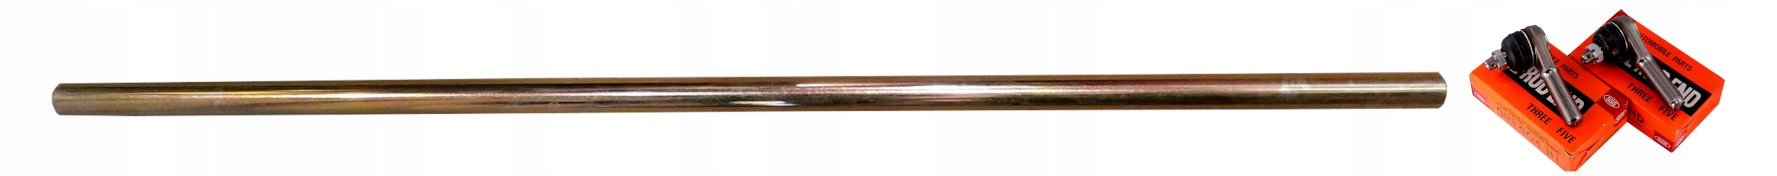 тяга рулевая усиленный regulow наконечники 555